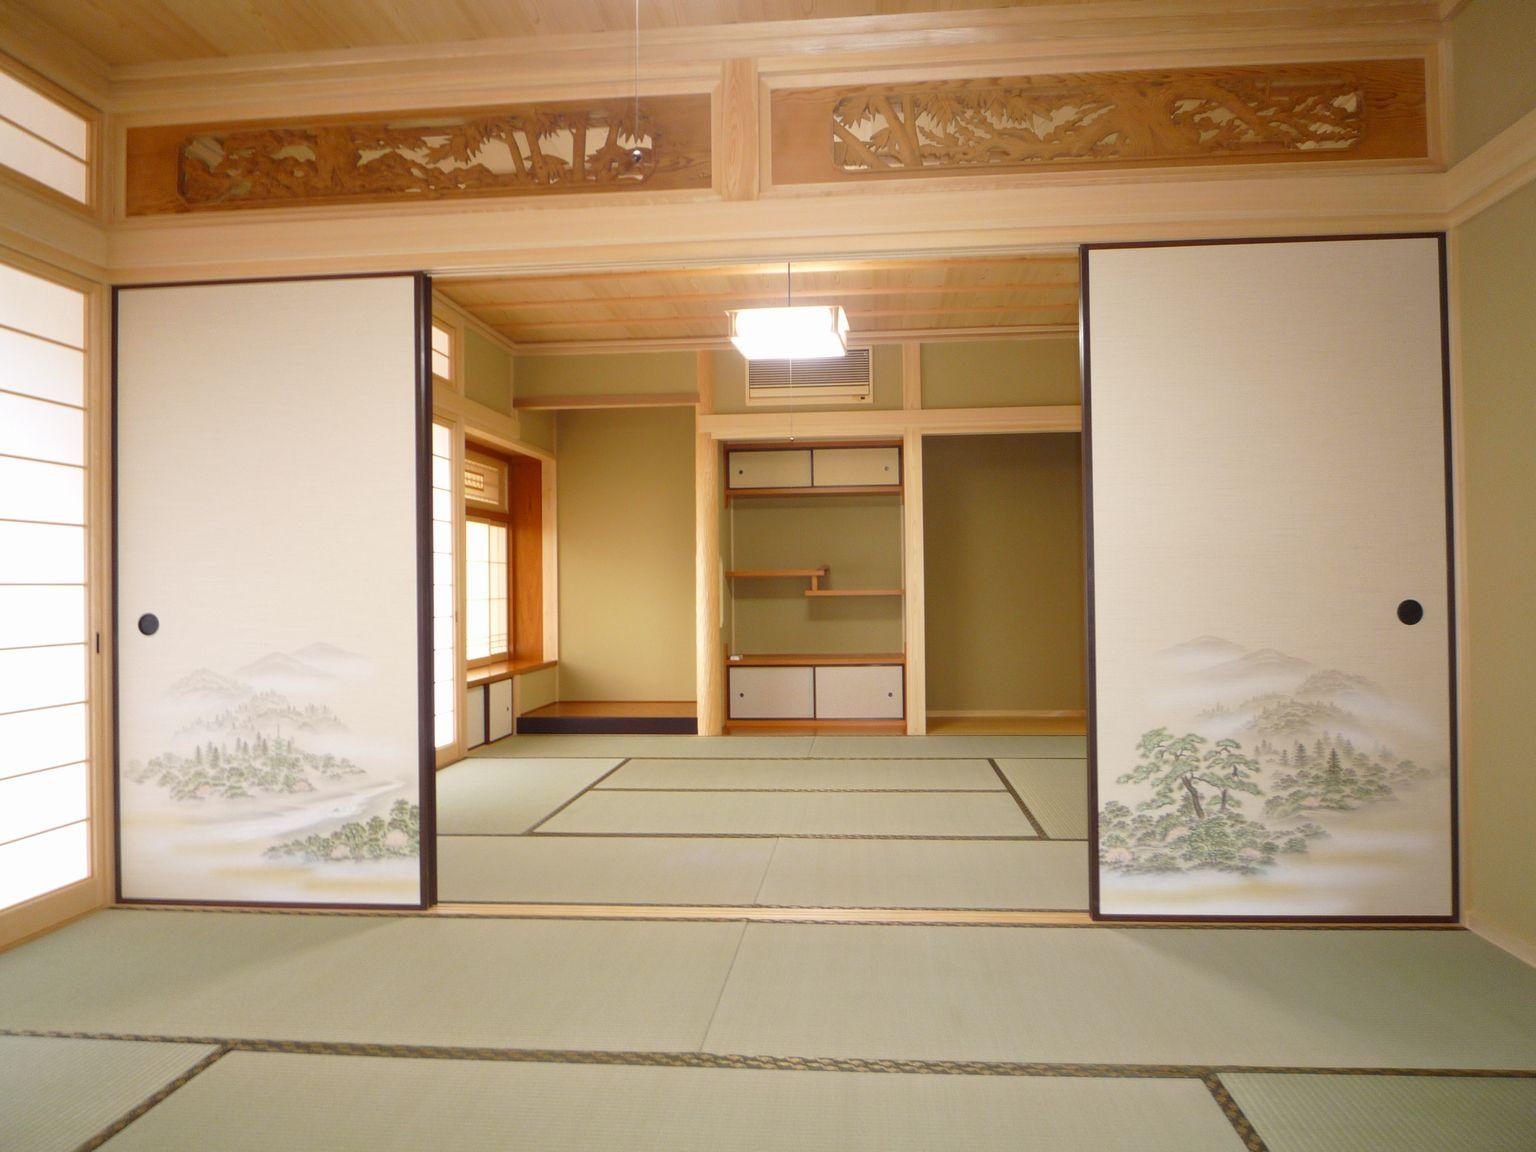 広々とした和室の続き間と彫りの欄間